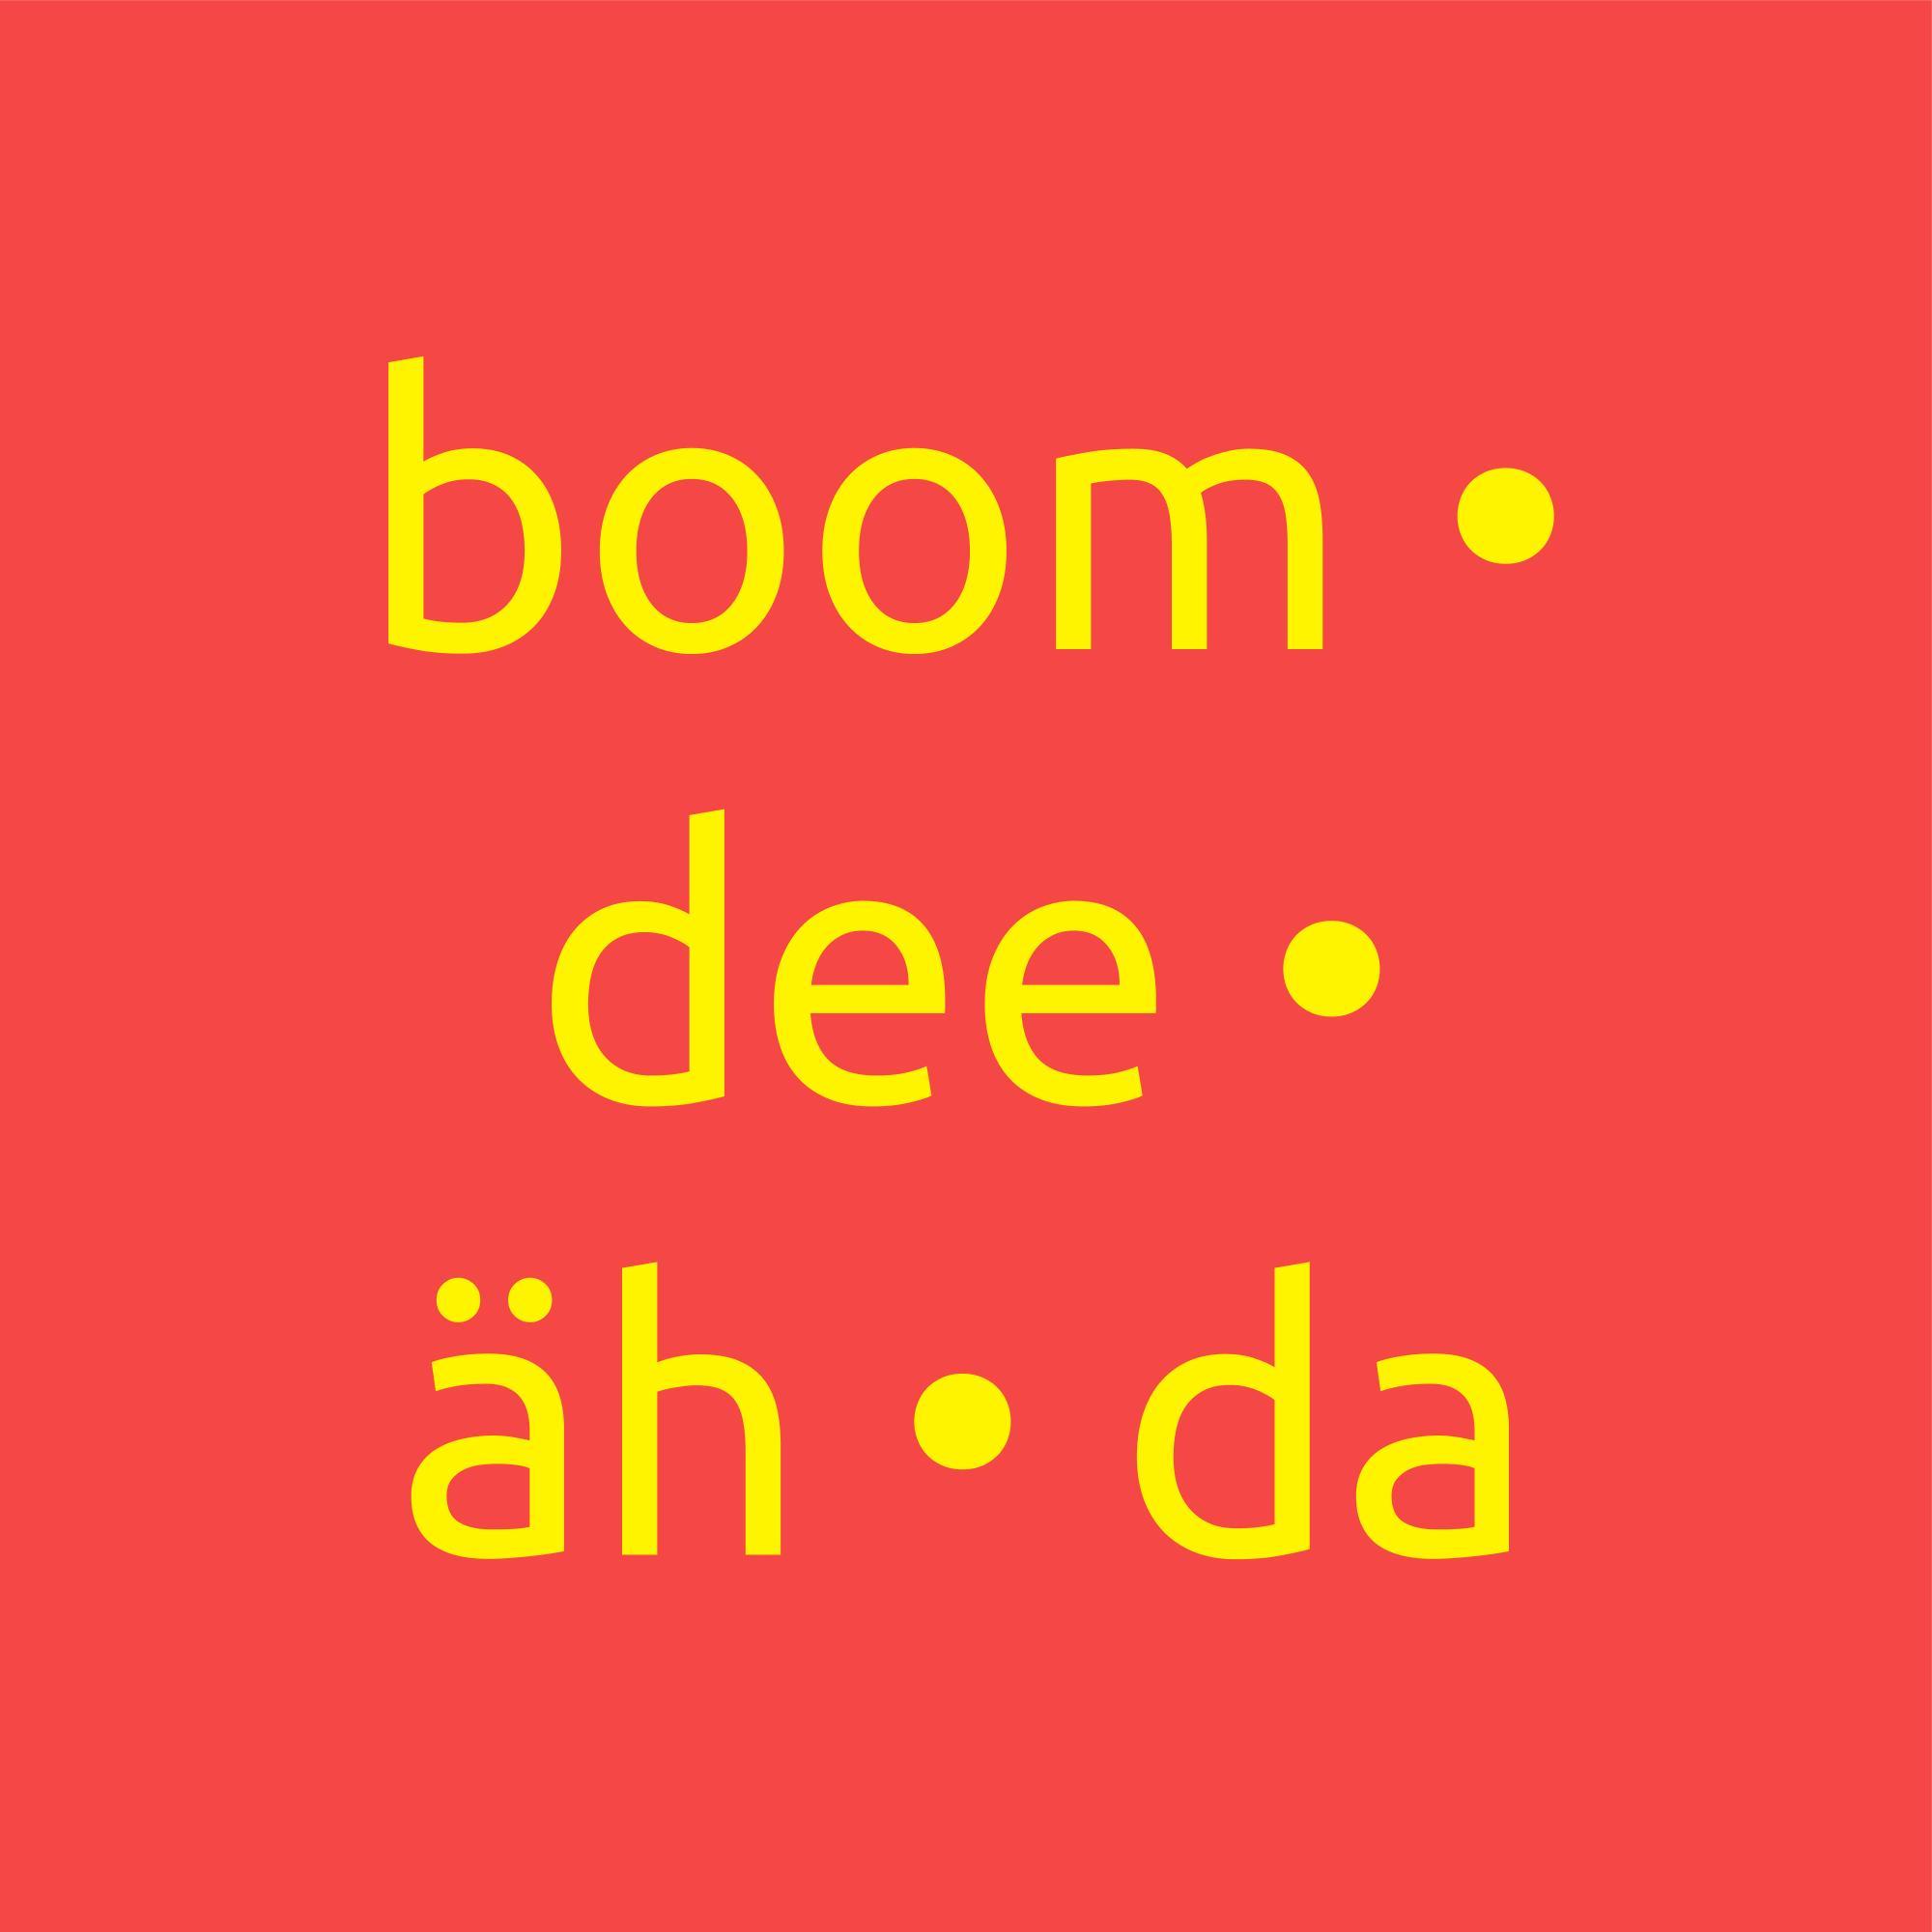 Boomdeeahda